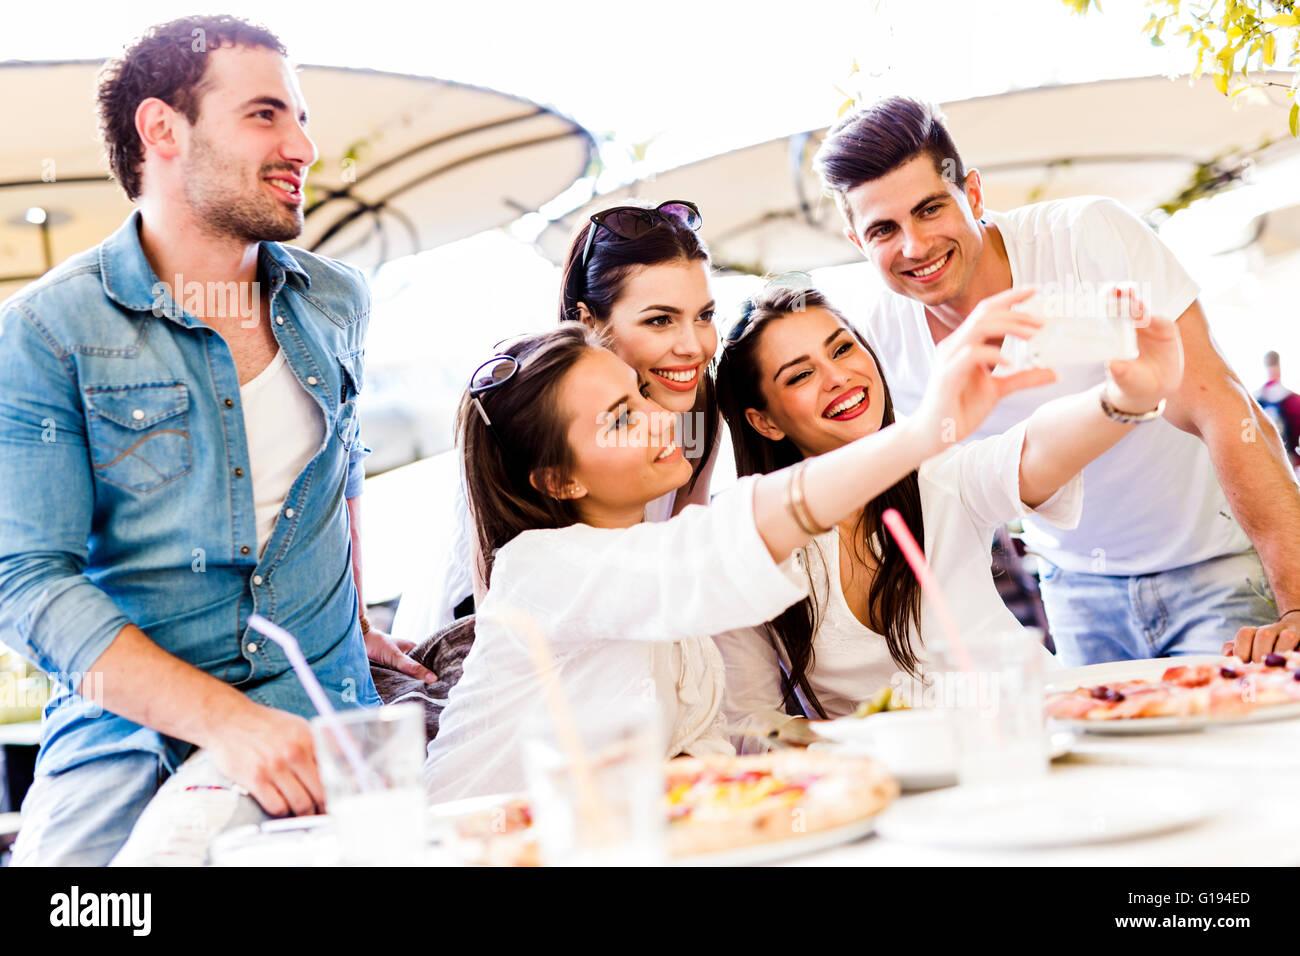 Un gruppo di giovani belle persone sedute in un ristorante e prendendo un selfie mentre sorridente Immagini Stock